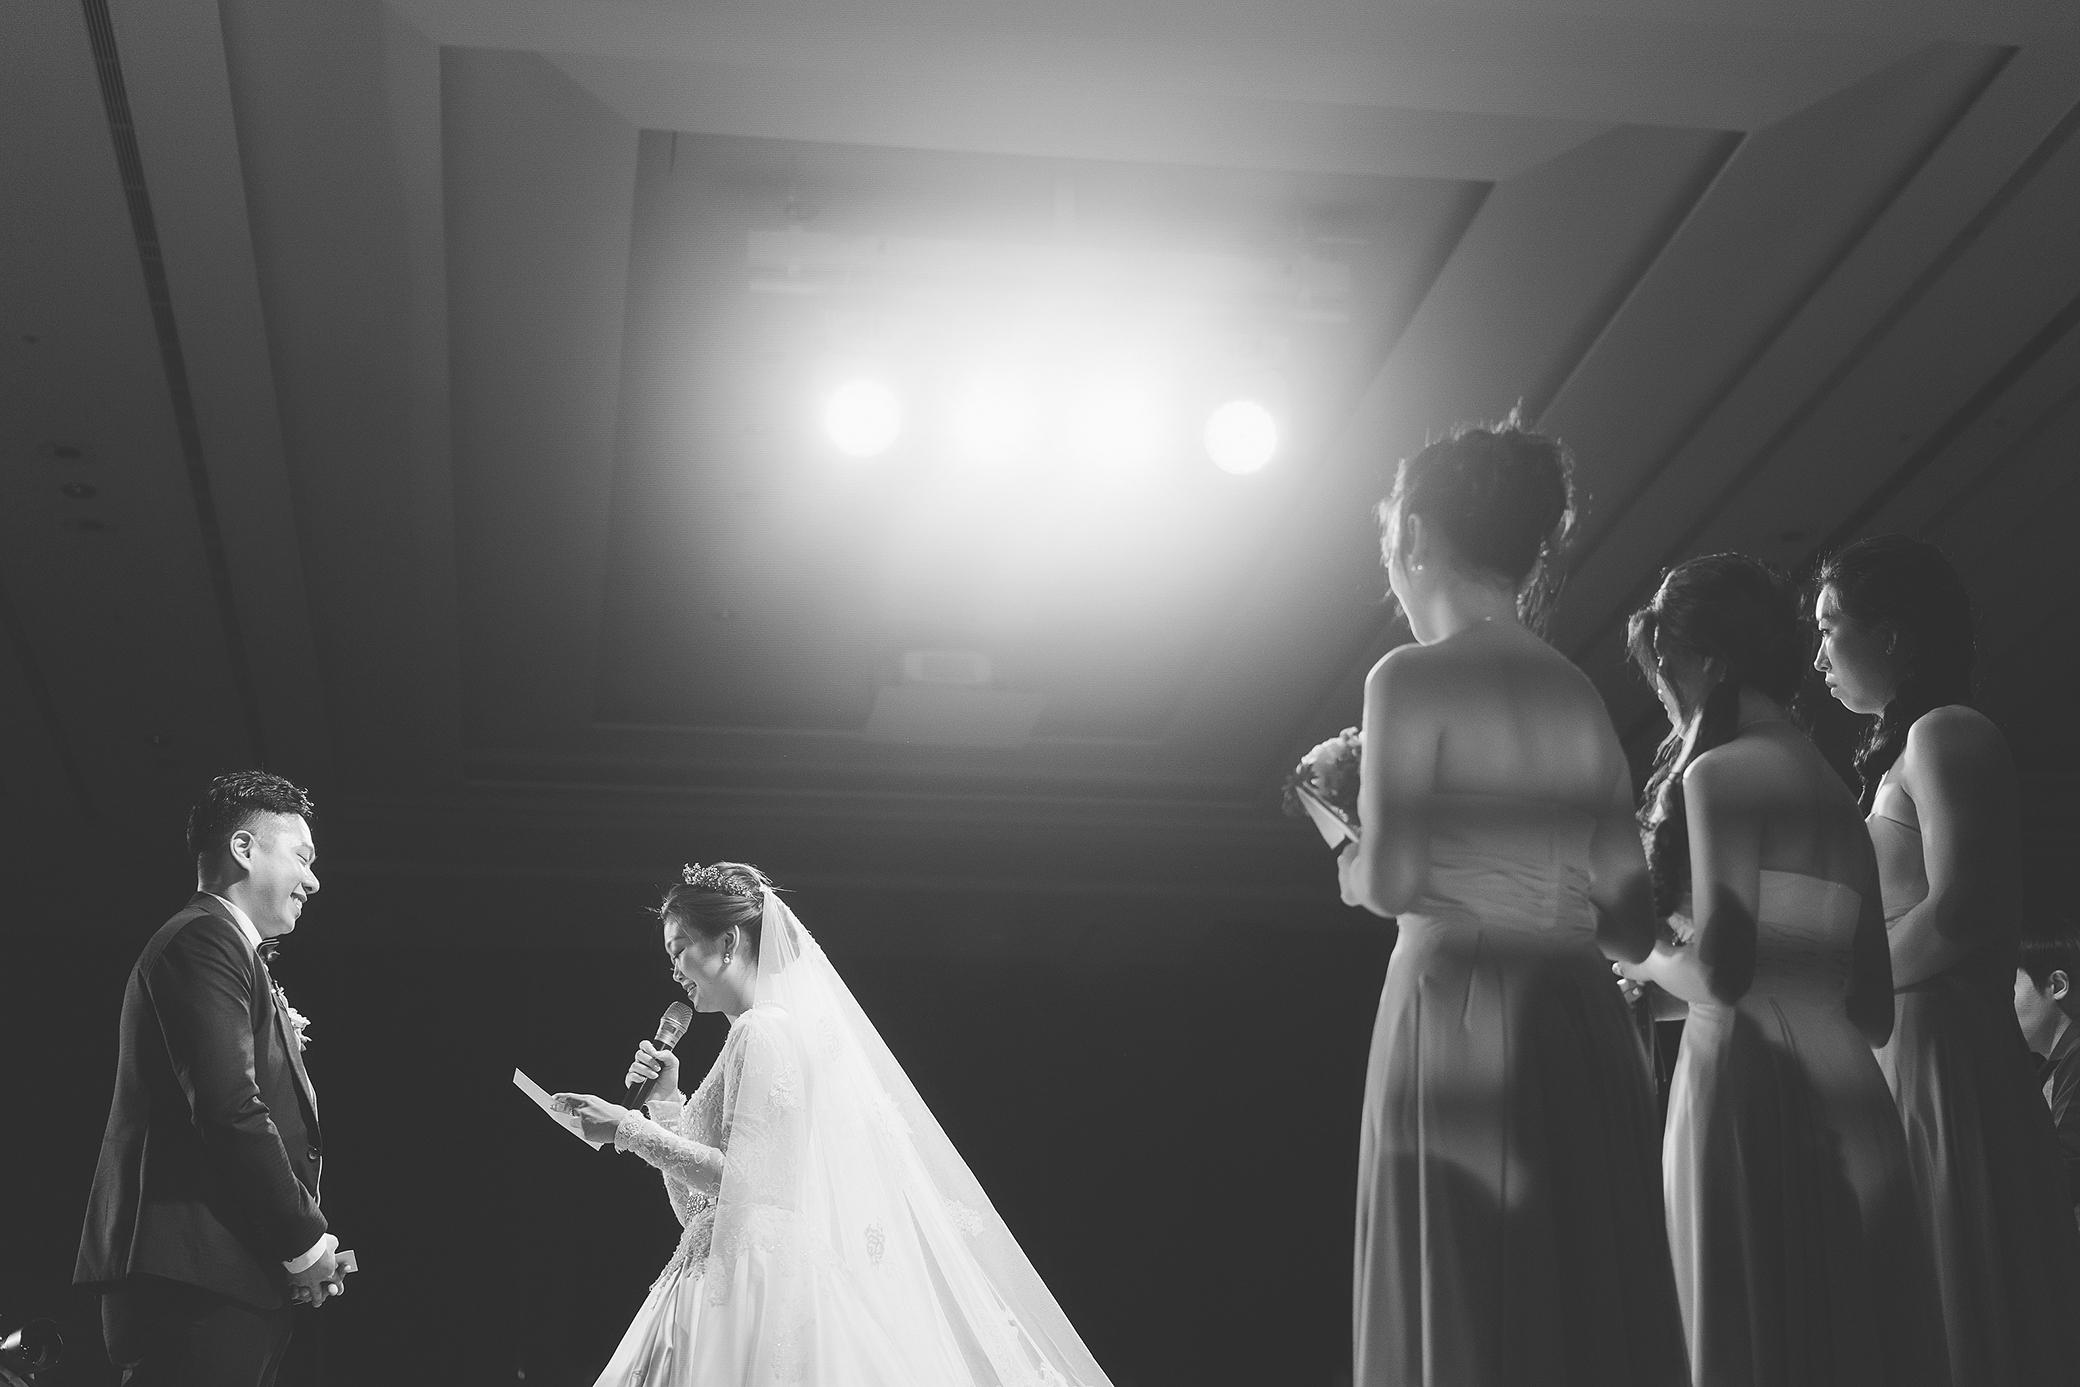 nickchang-wedding-%e5%af%92%e8%88%8d%e8%89%be%e9%ba%97-fineart-49